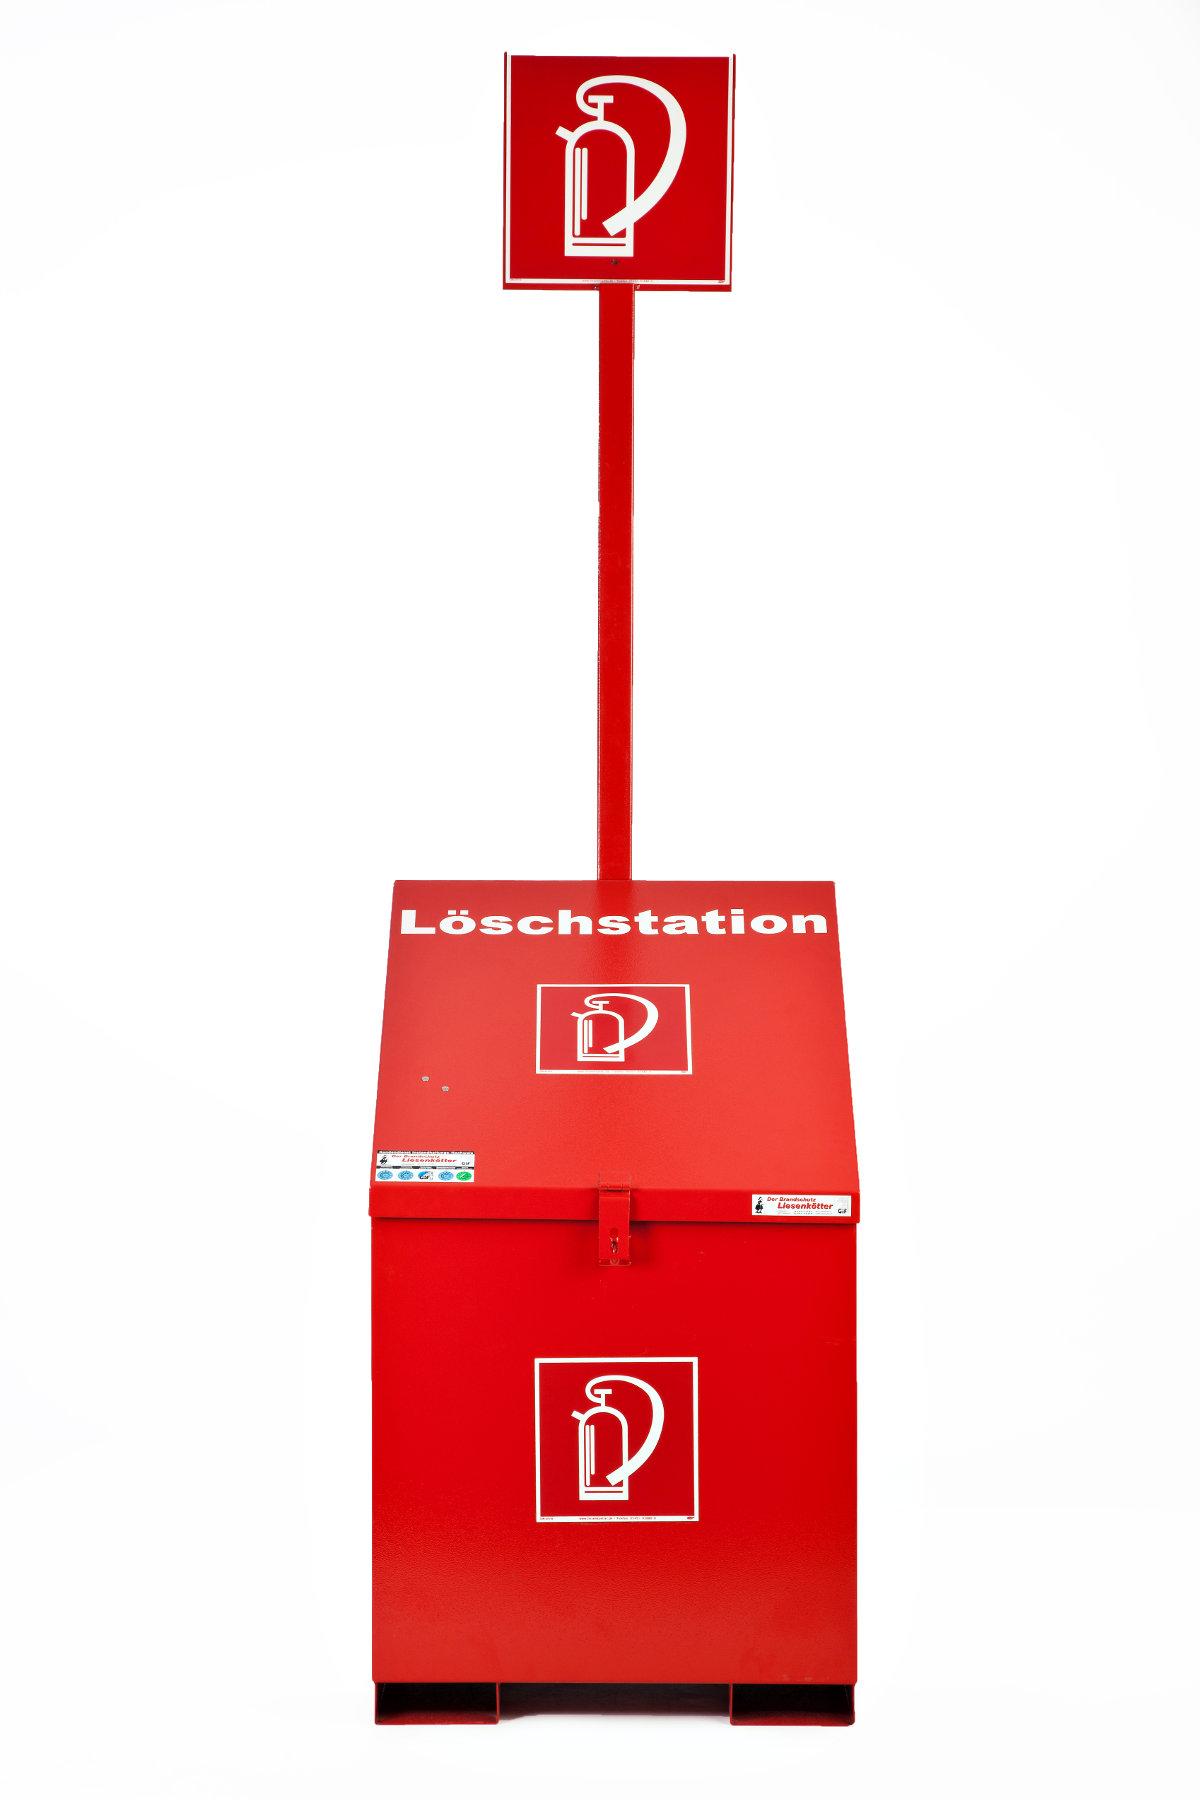 löschbox IMG_3576